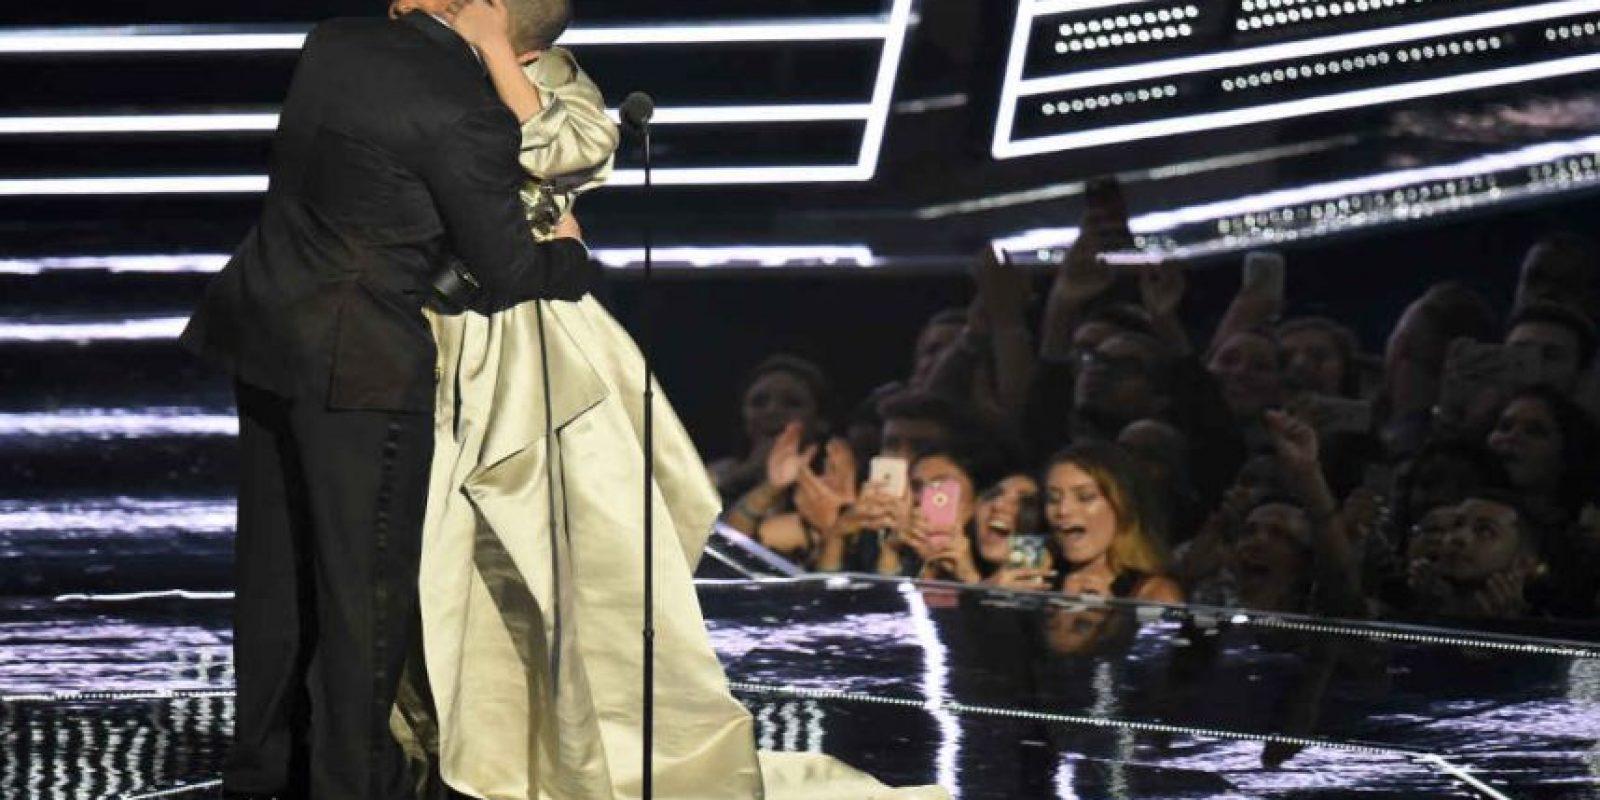 El famoso beso rechazado. Foto:Getty Images